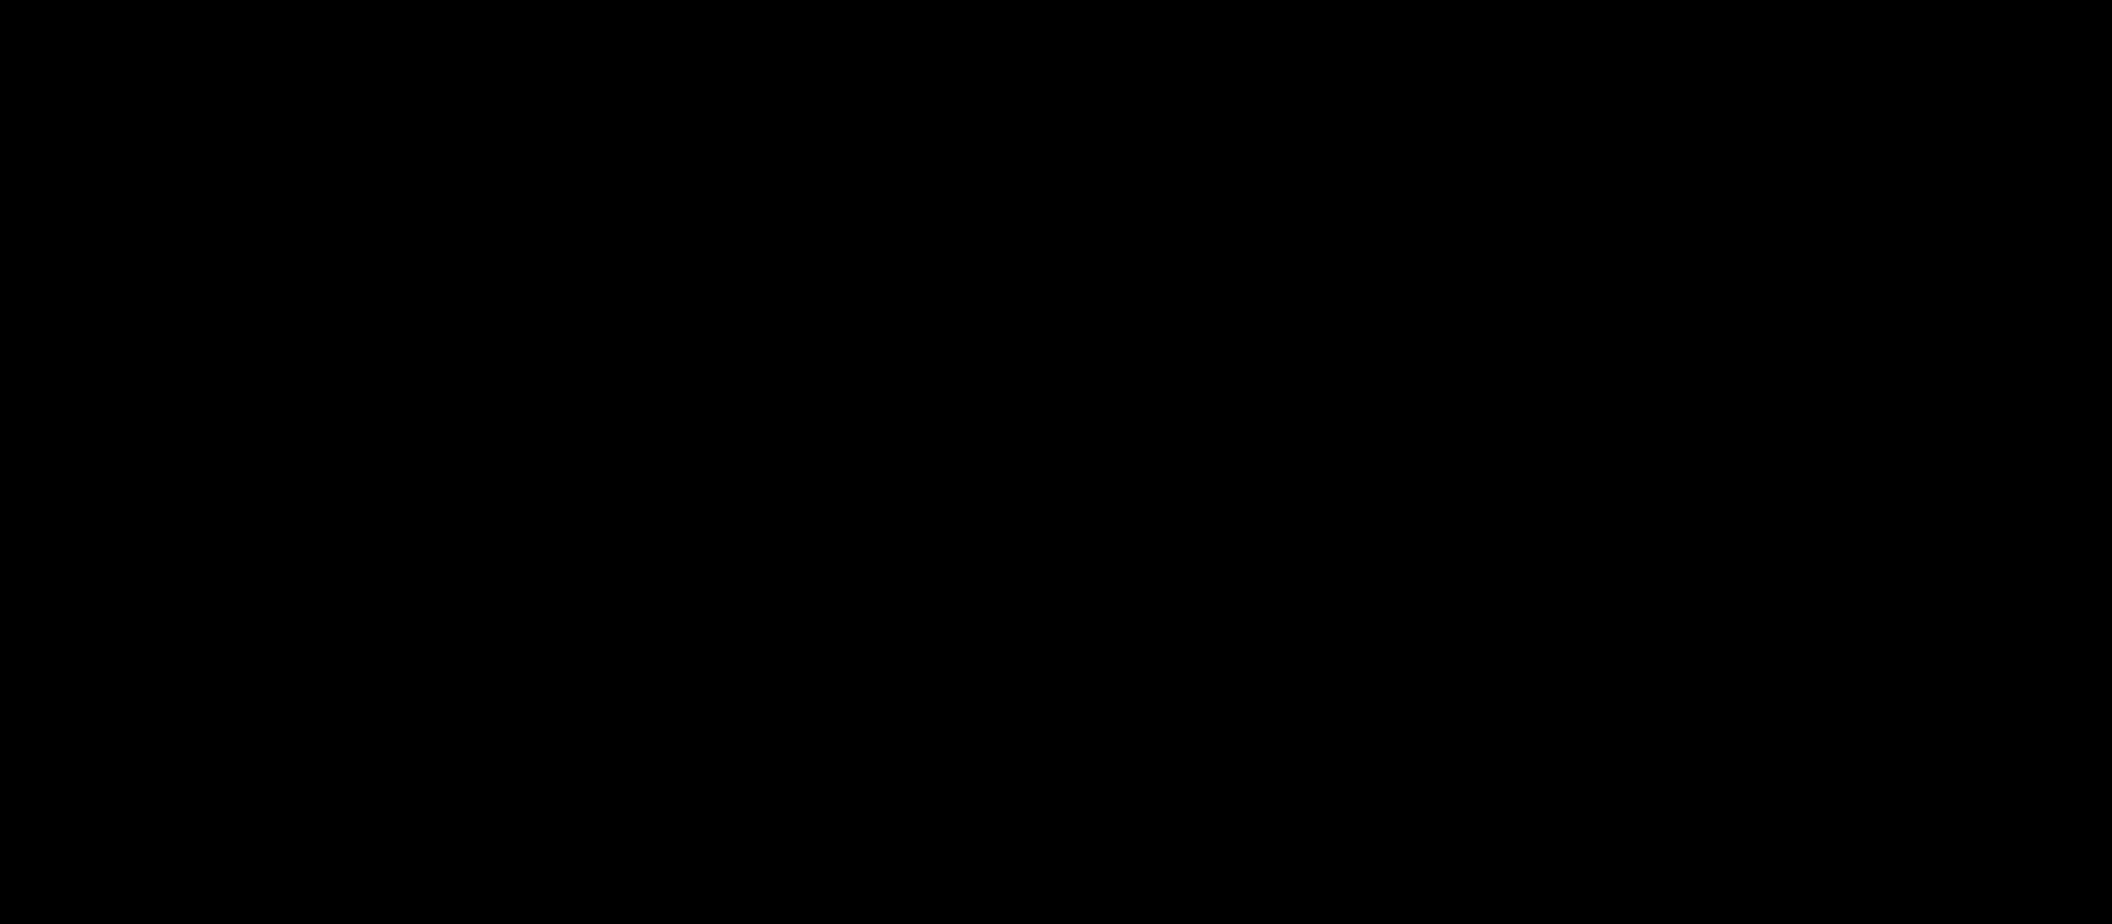 N-[8-tert-Butoxycarbonylamino-3,6-dioxaoctyl]-1-dimethylamino-d<sub>6</sub>-5-naphthalene-sulfonamide